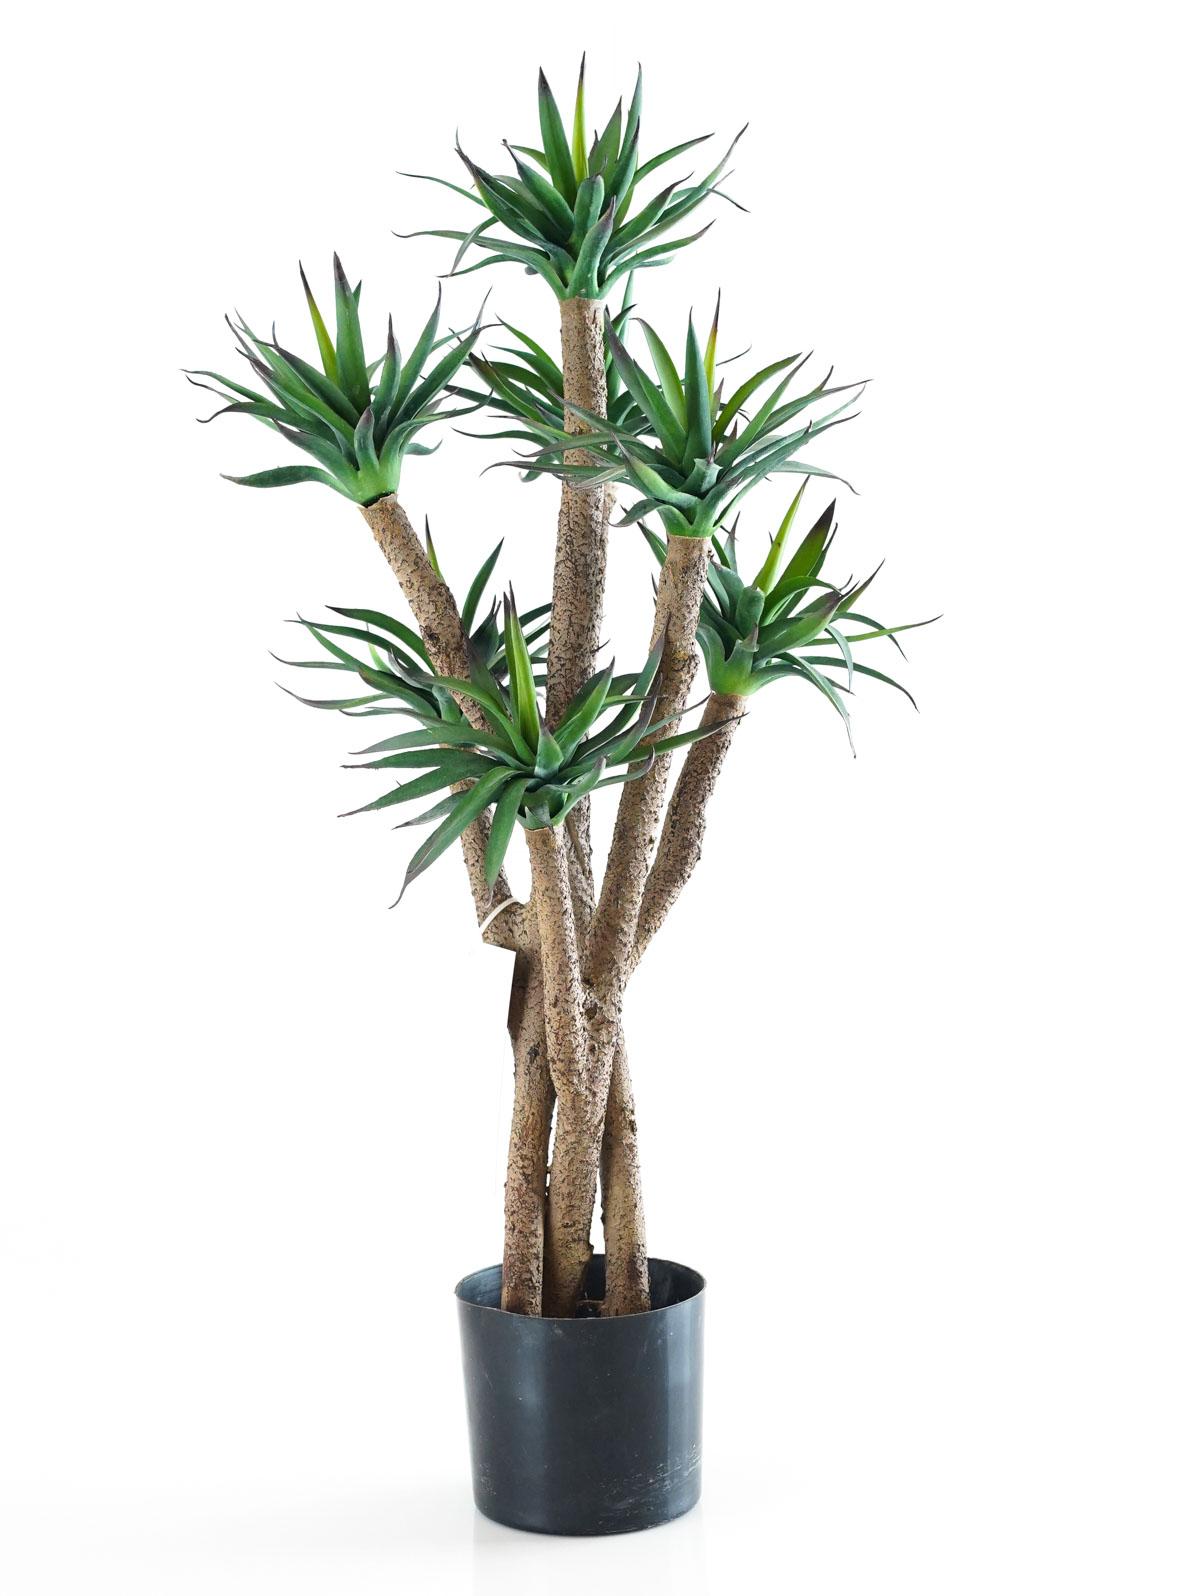 شجرة أغافا - وسط 'نباتات اصطناعية'